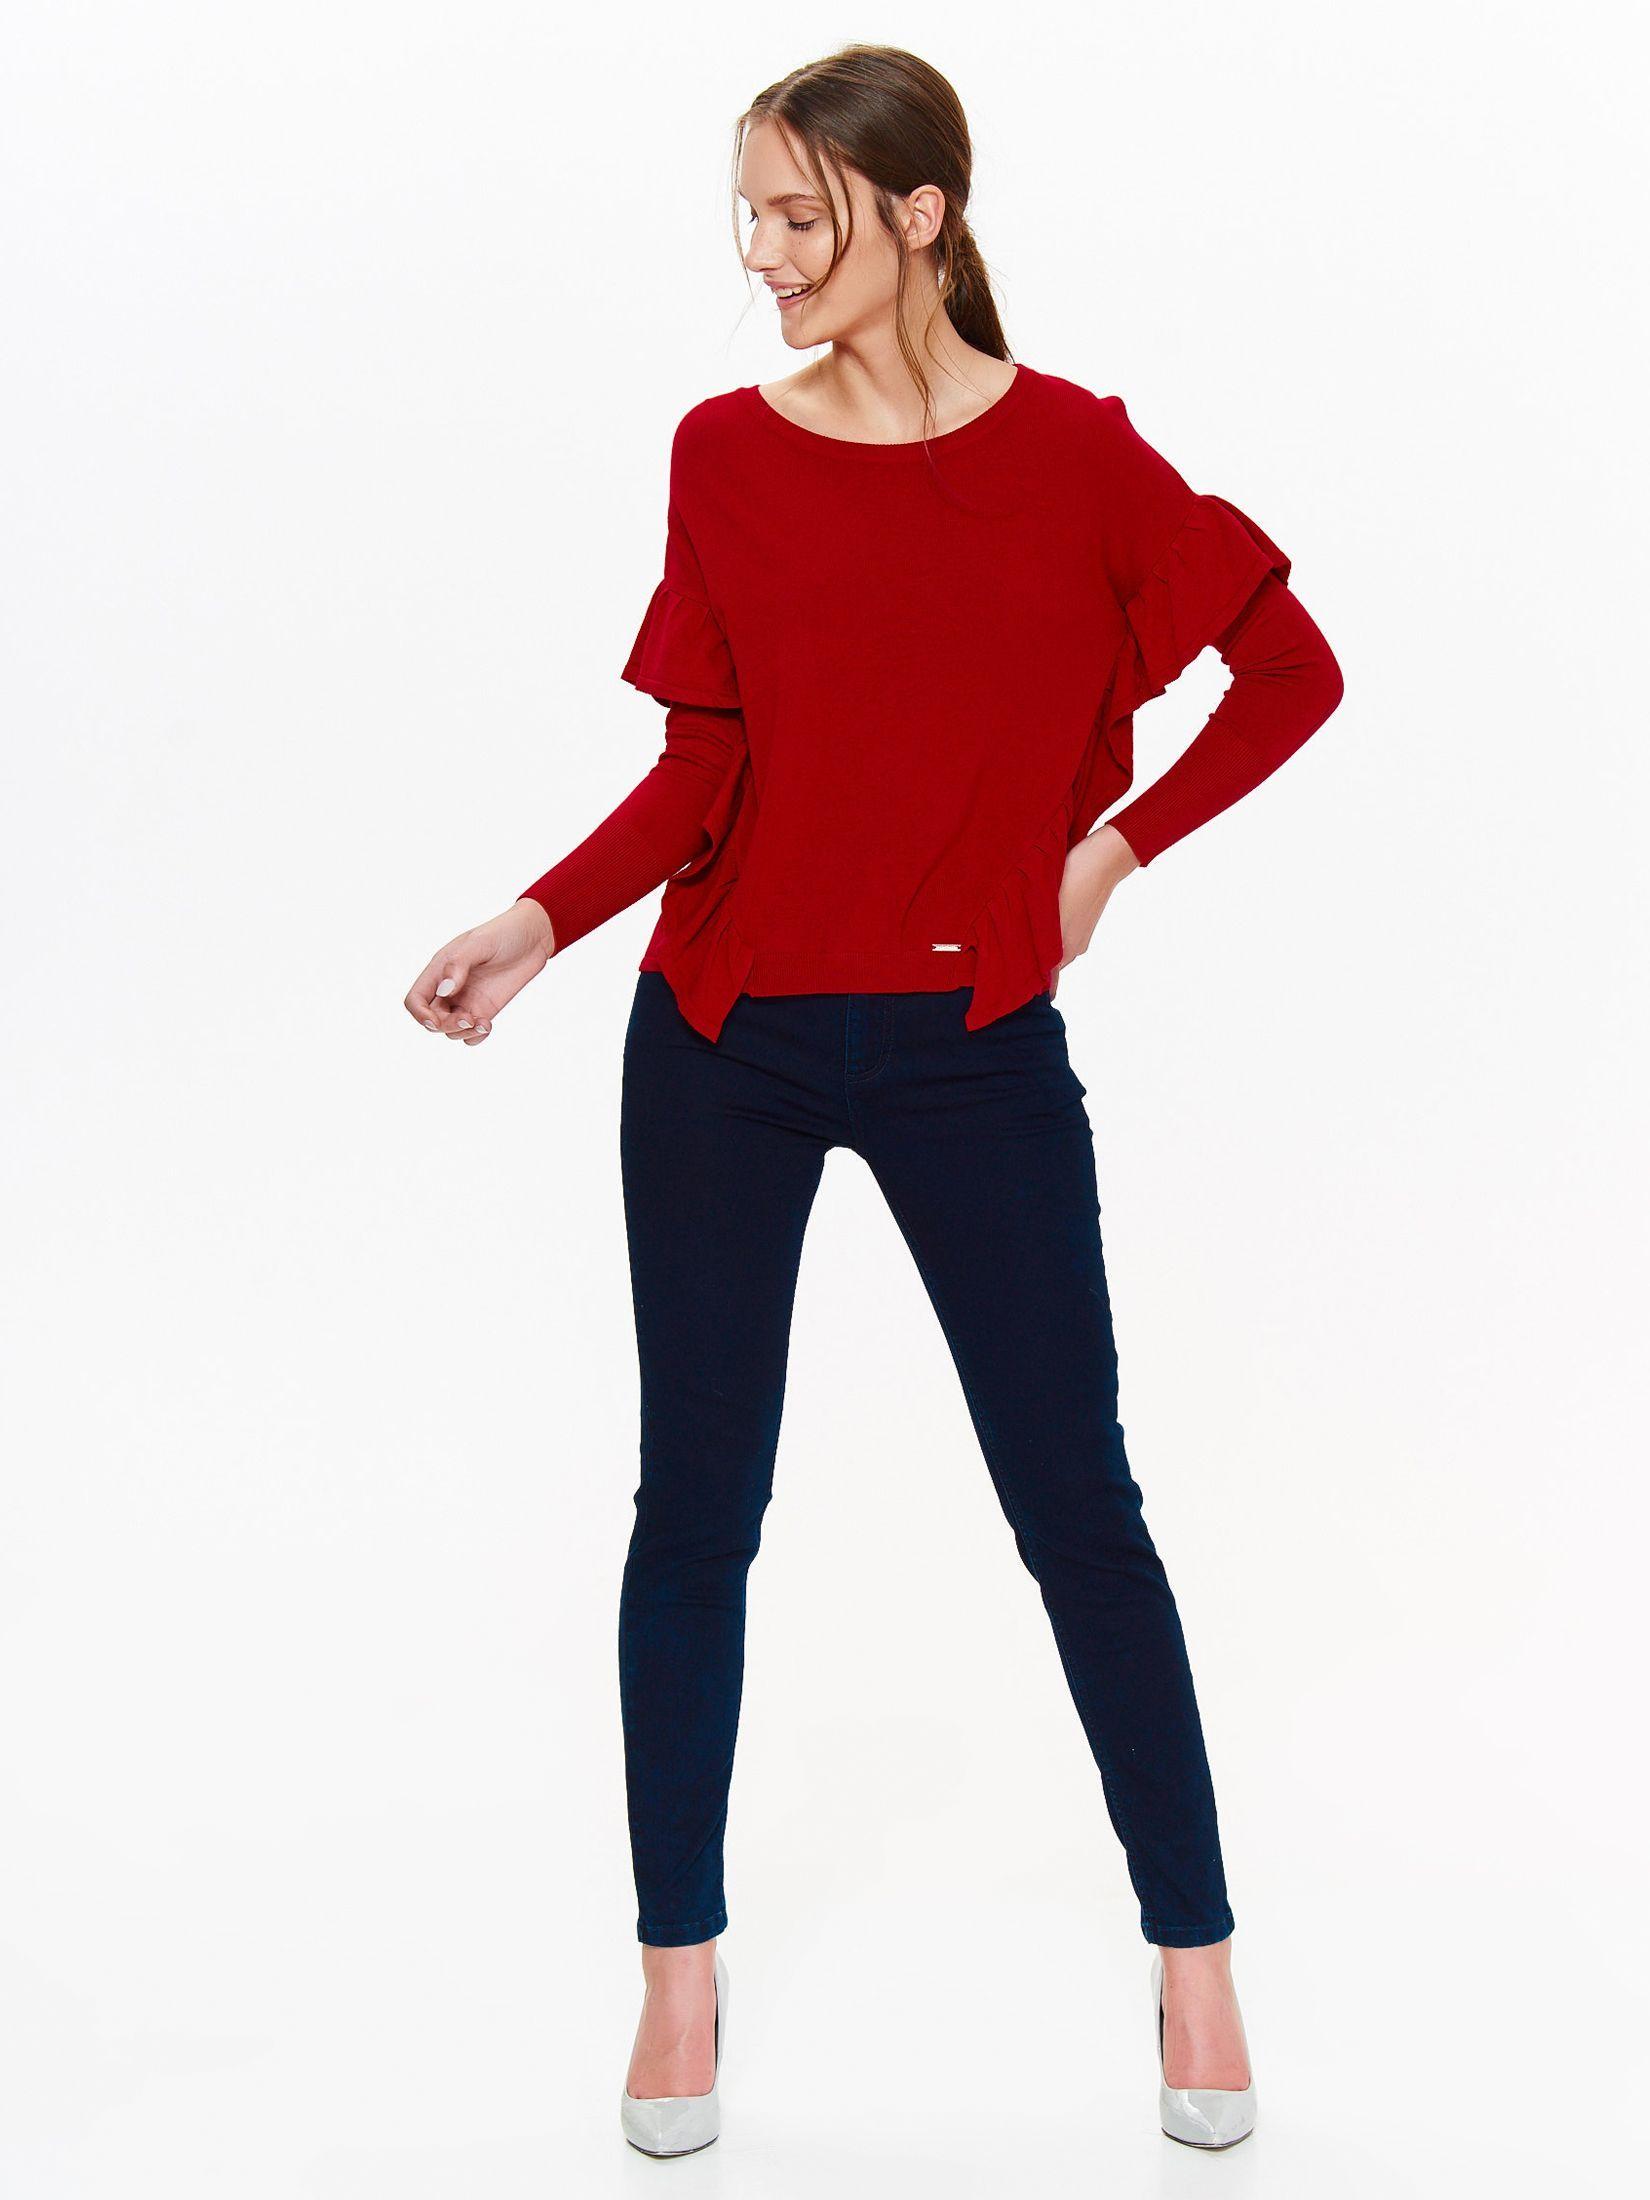 Свитер женский Top Secret, цвет: красный. SSW2303CE. Размер 36 (44)SSW2303CE